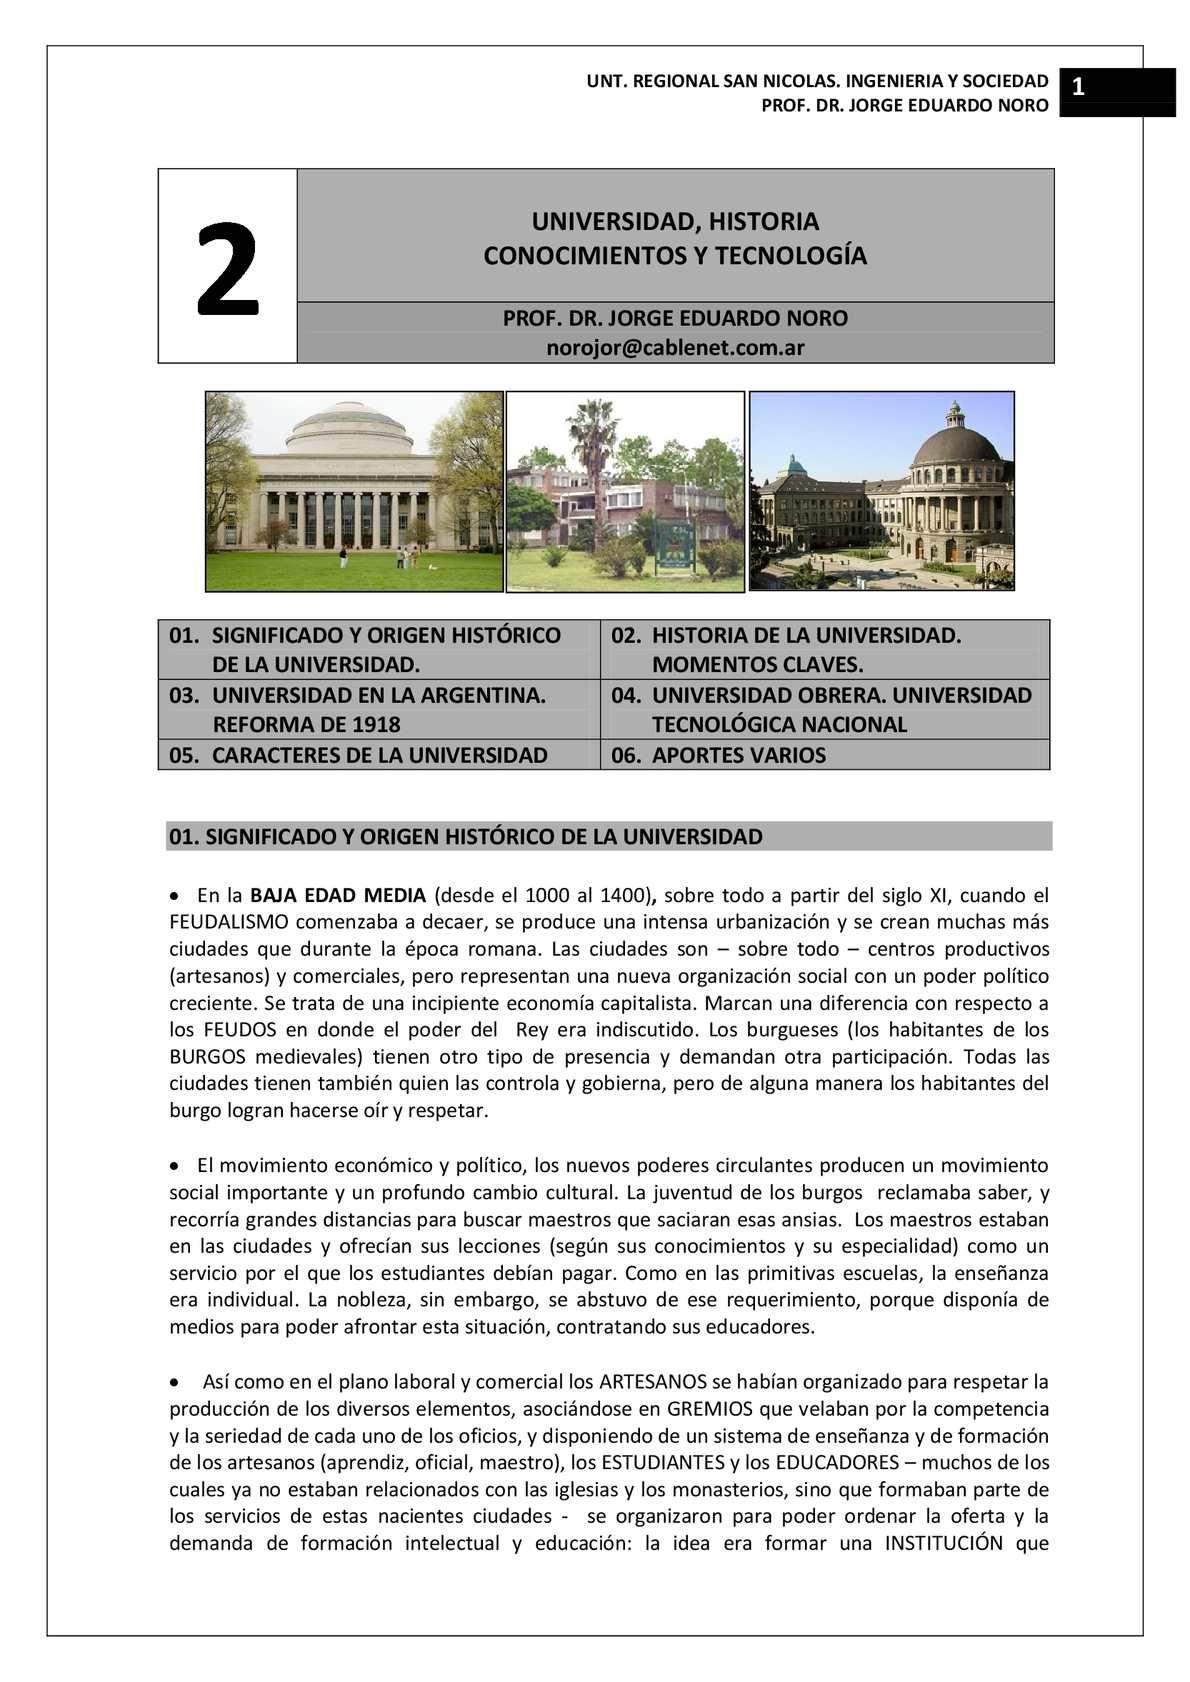 Calaméo - 159. UNIVERSIDAD, HISTORIA Y FUNCION ACTUAL